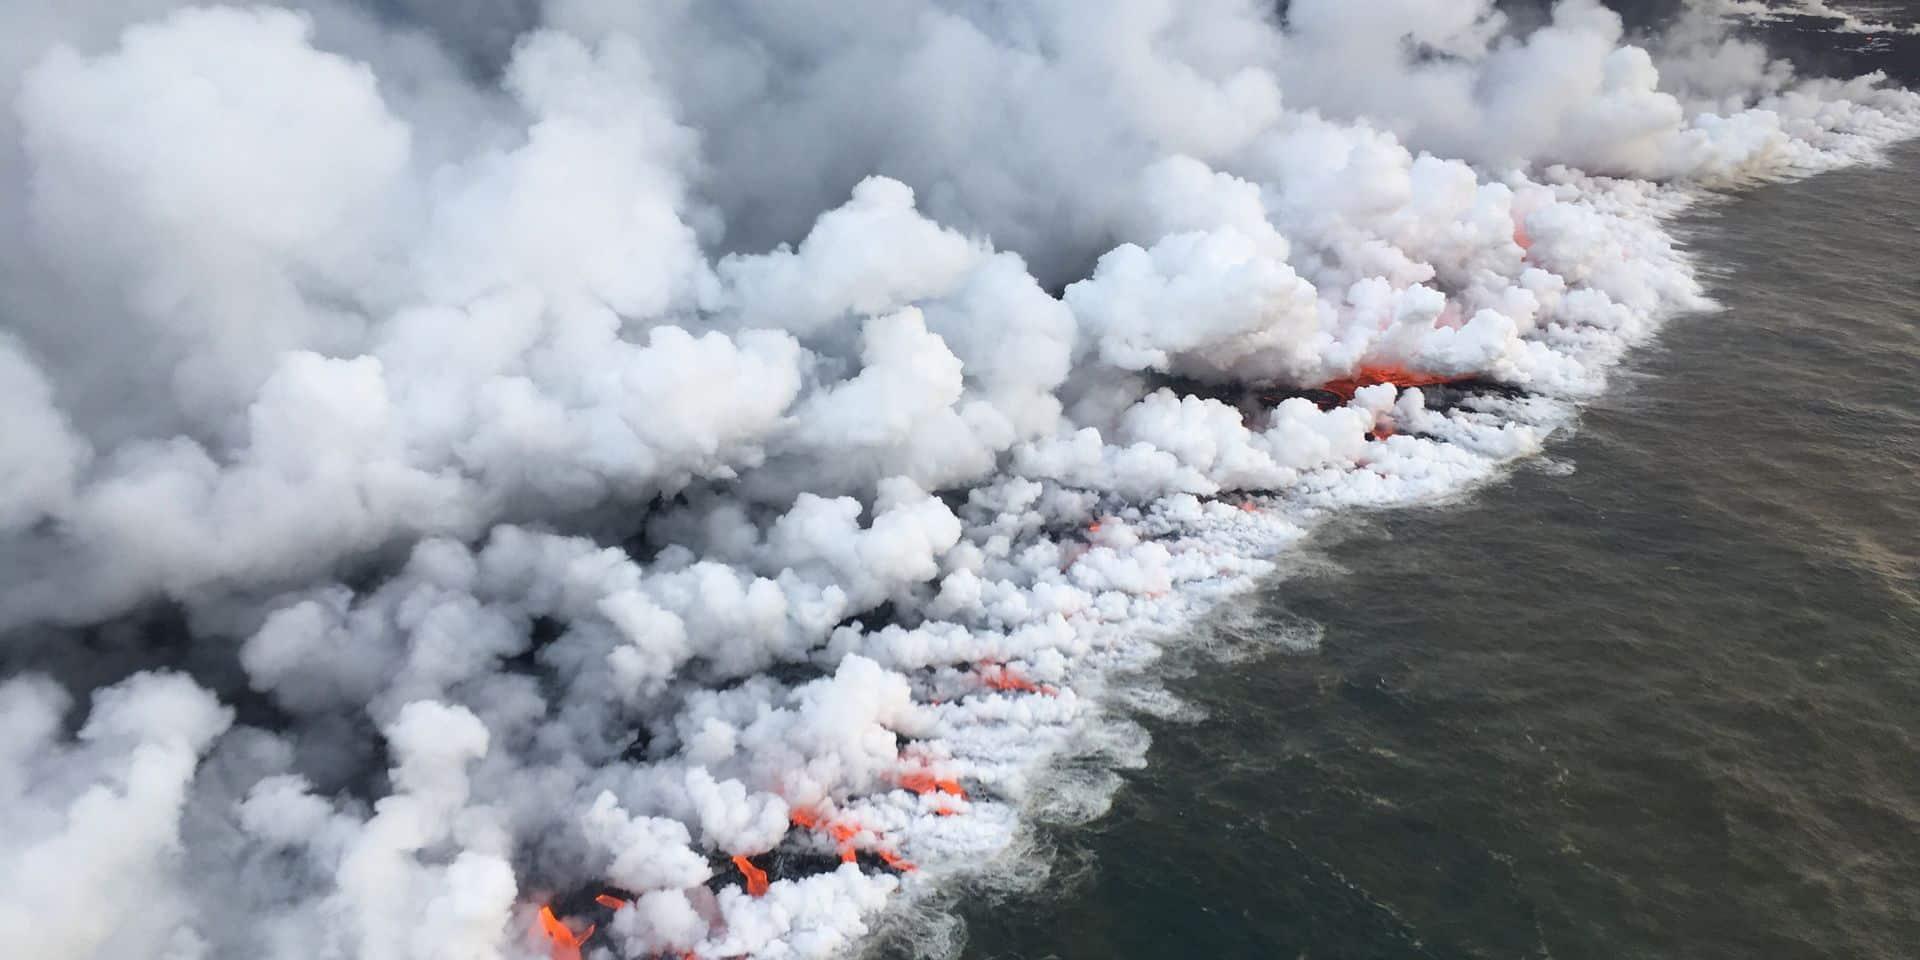 23 blessés dans un tour en bateau près du volcan en éruption d'Hawaï